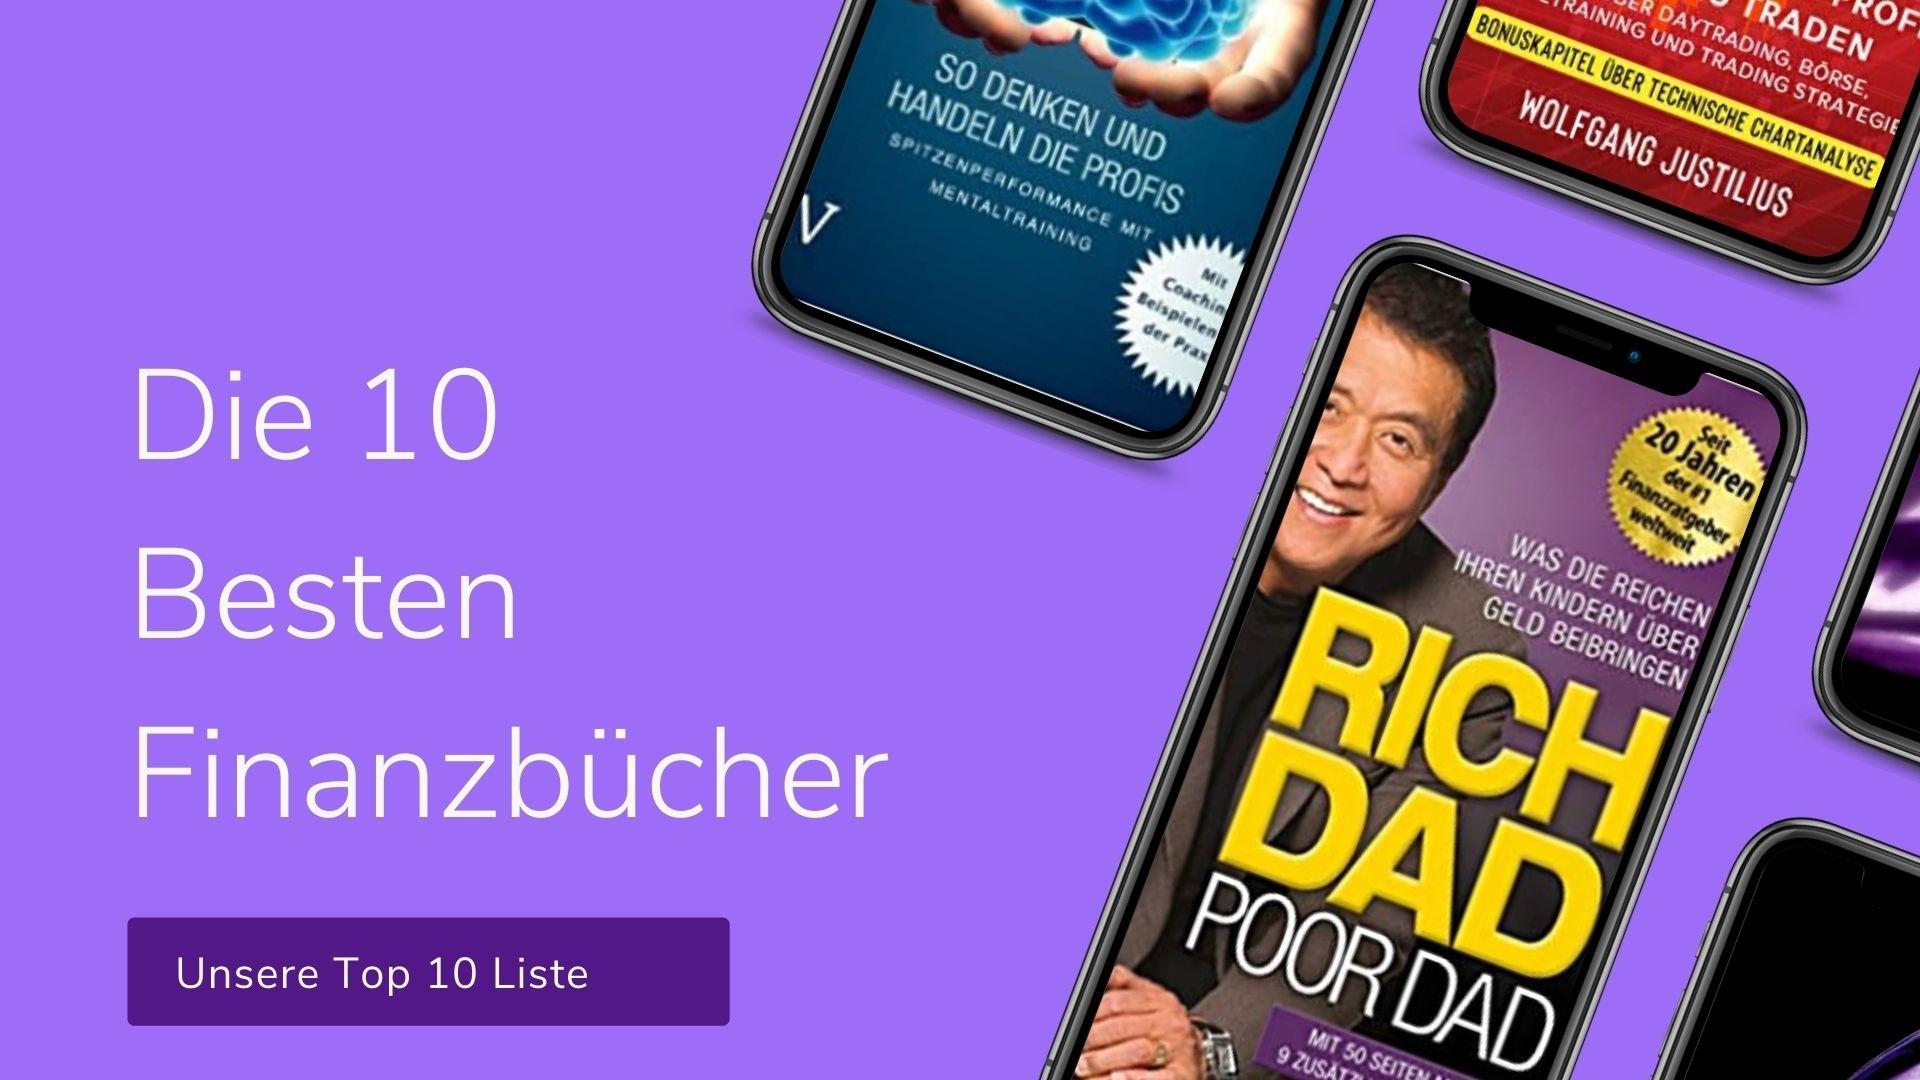 Die 10 besten Finanzbücher